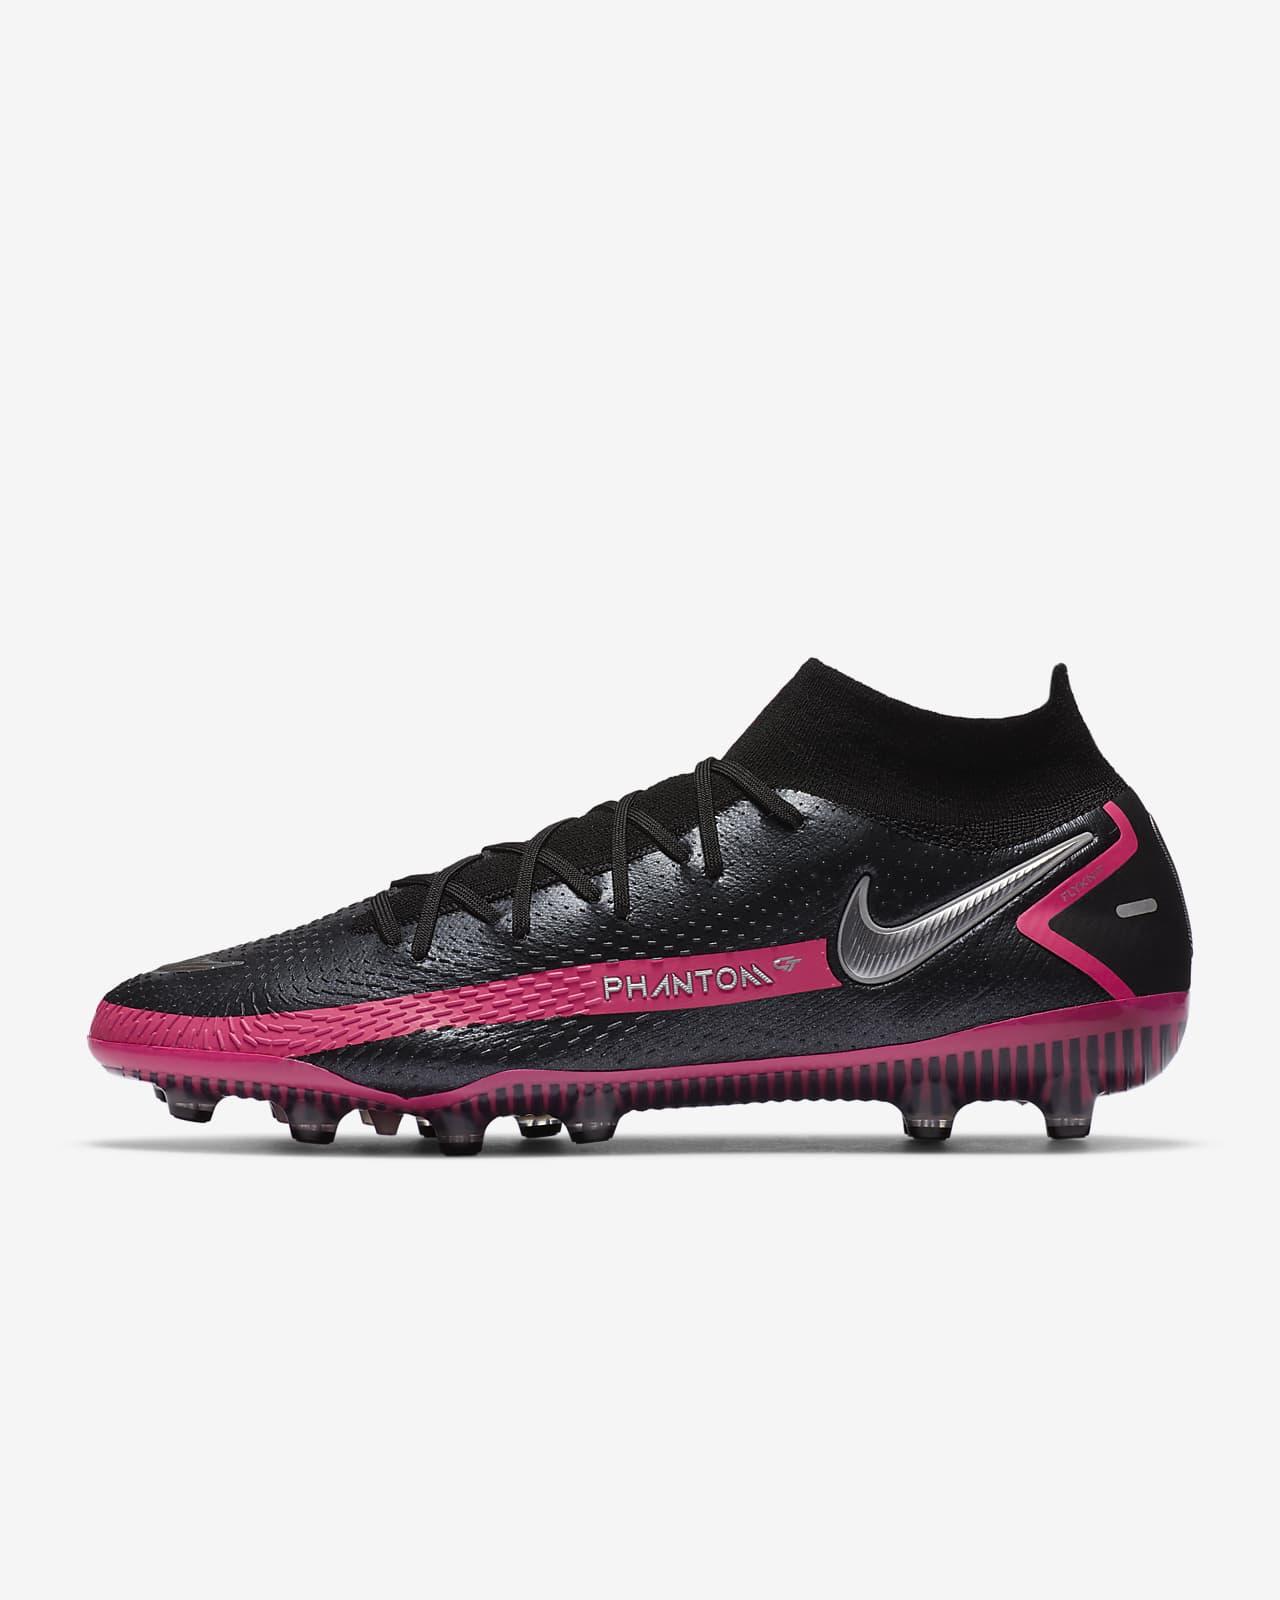 Nike Phantom GT Elite Dynamic Fit AG-PRO-fodboldstøvle til kunstgræs